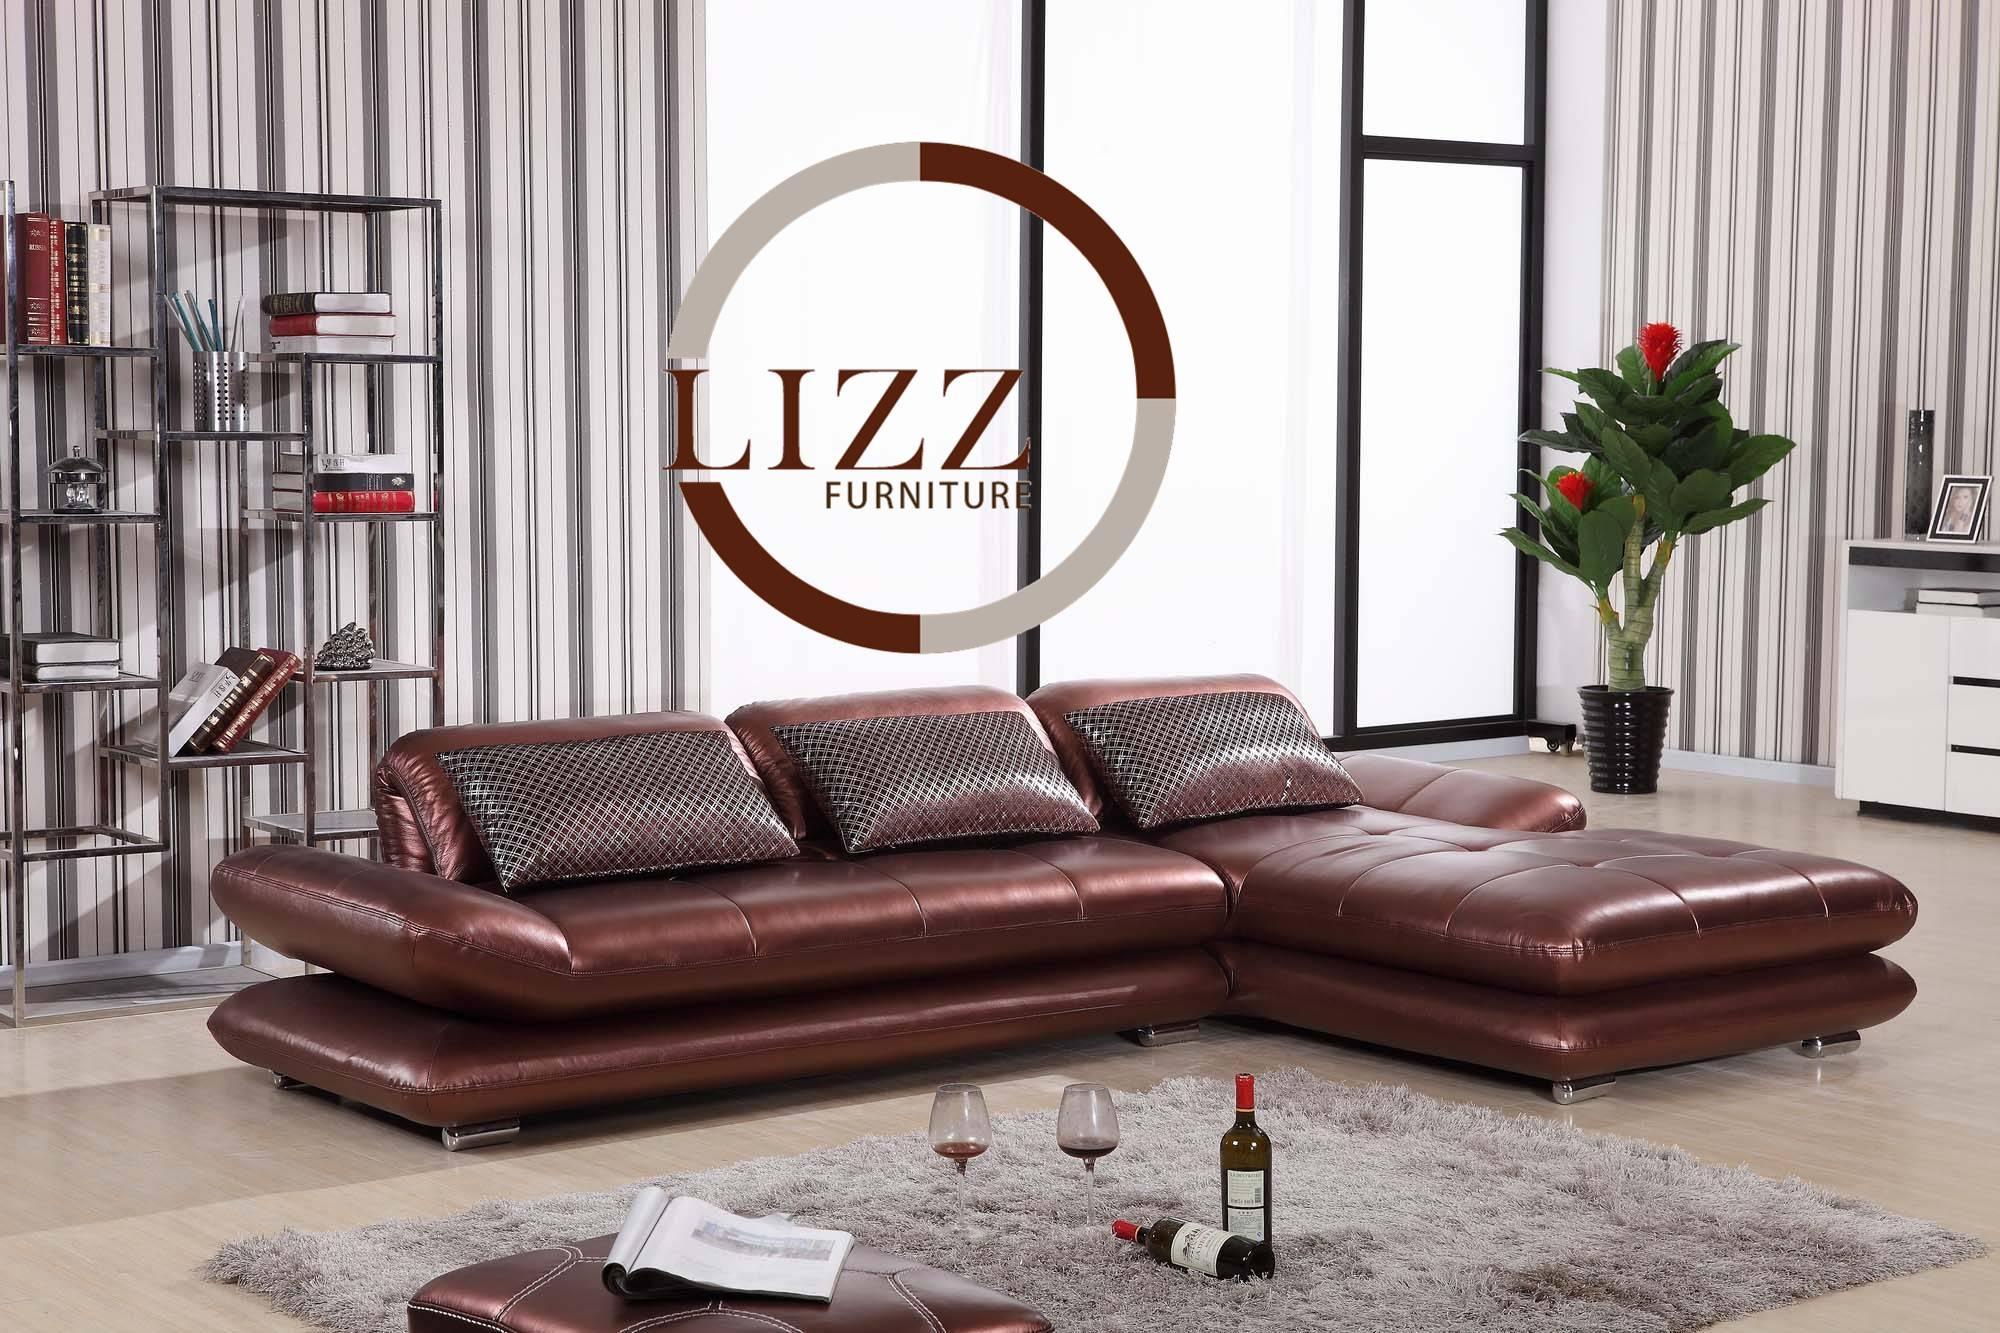 Leather Sofa with regard to European Leather Sofas (Image 16 of 30)